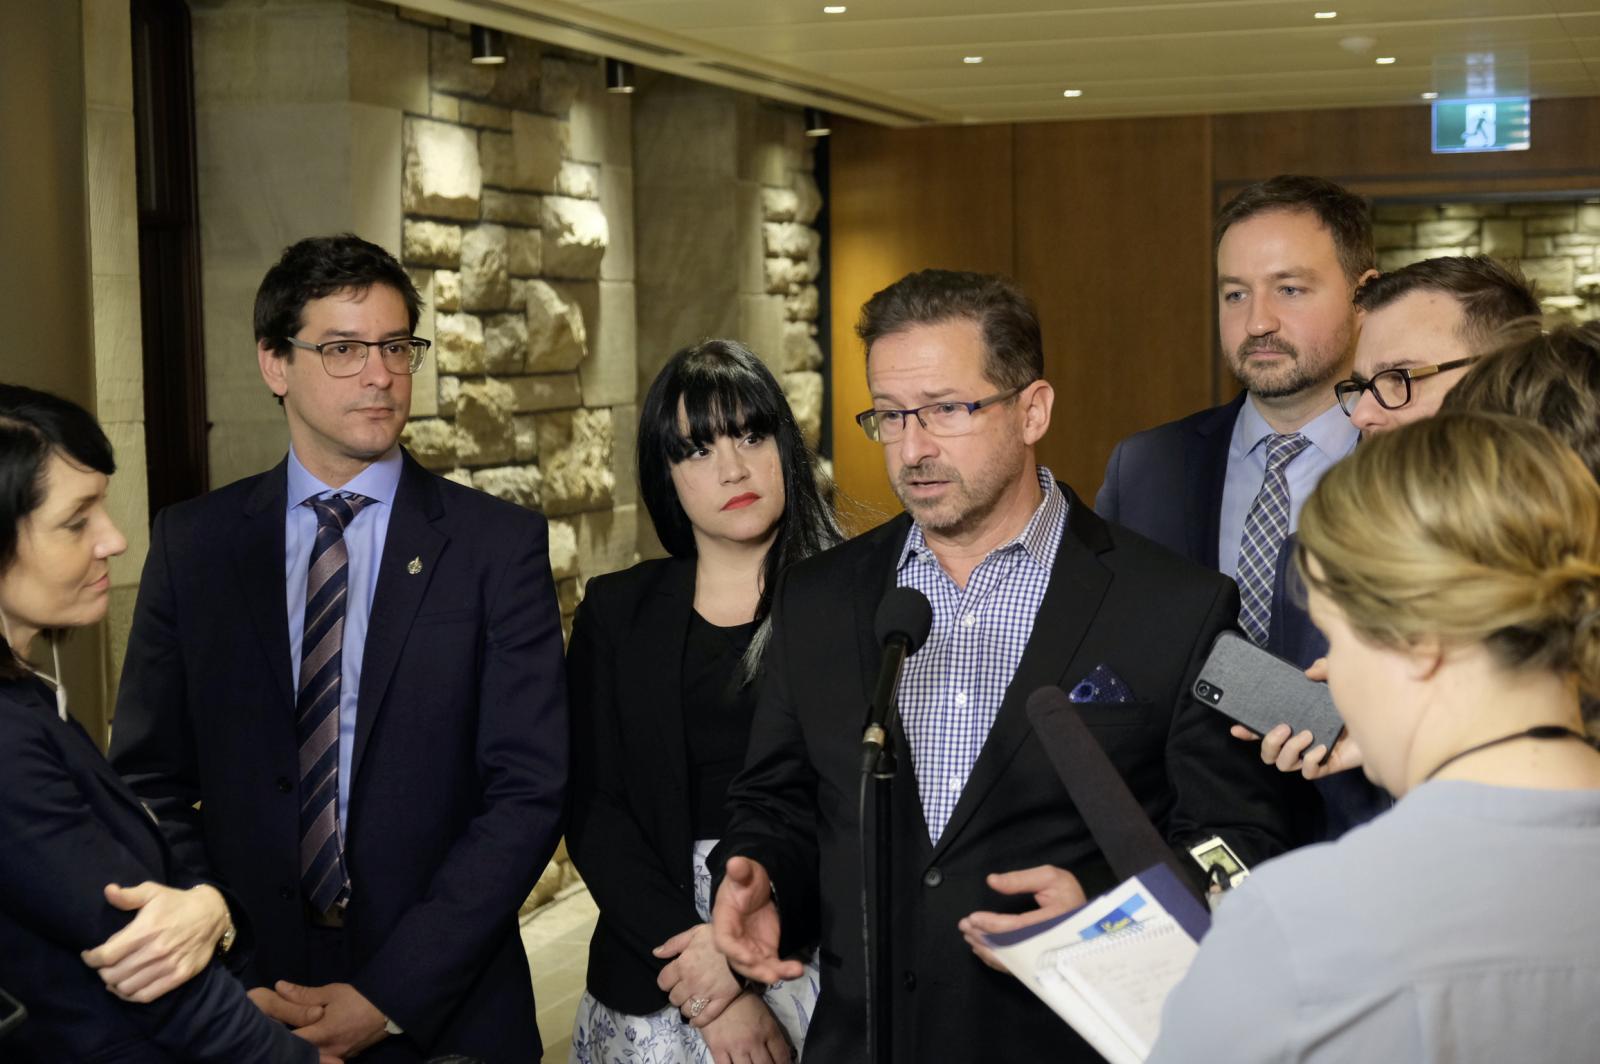 Le Bloc exige des mesures de soutien pour les travailleurs et les PME